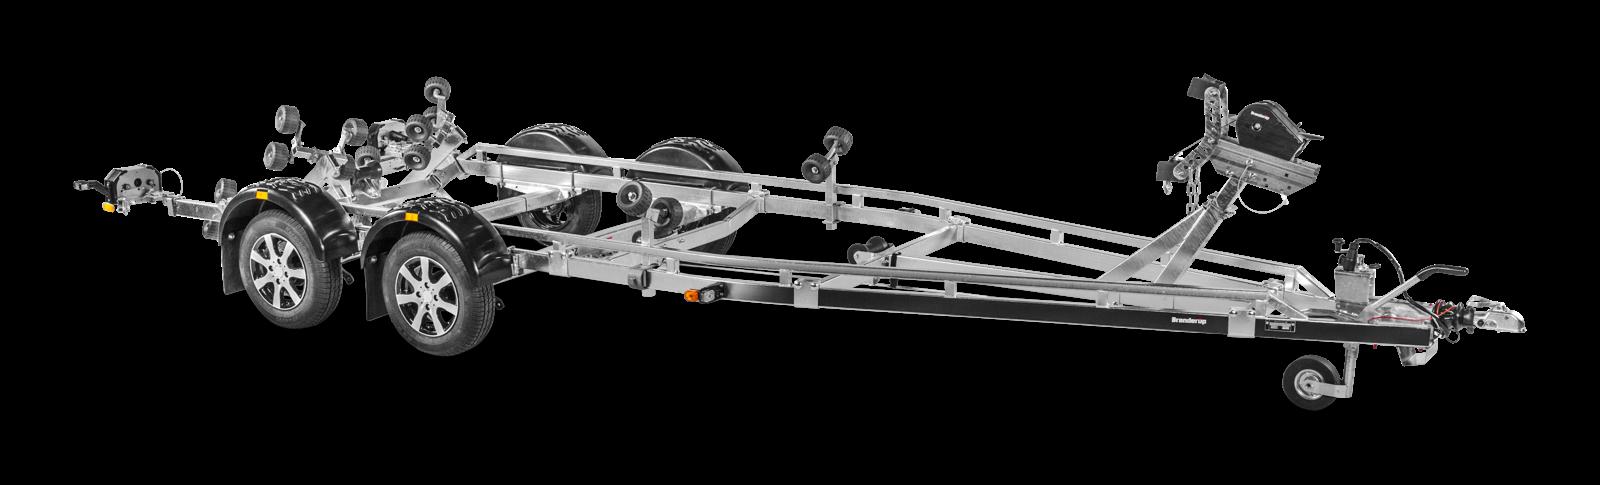 Brenderup båttrailer